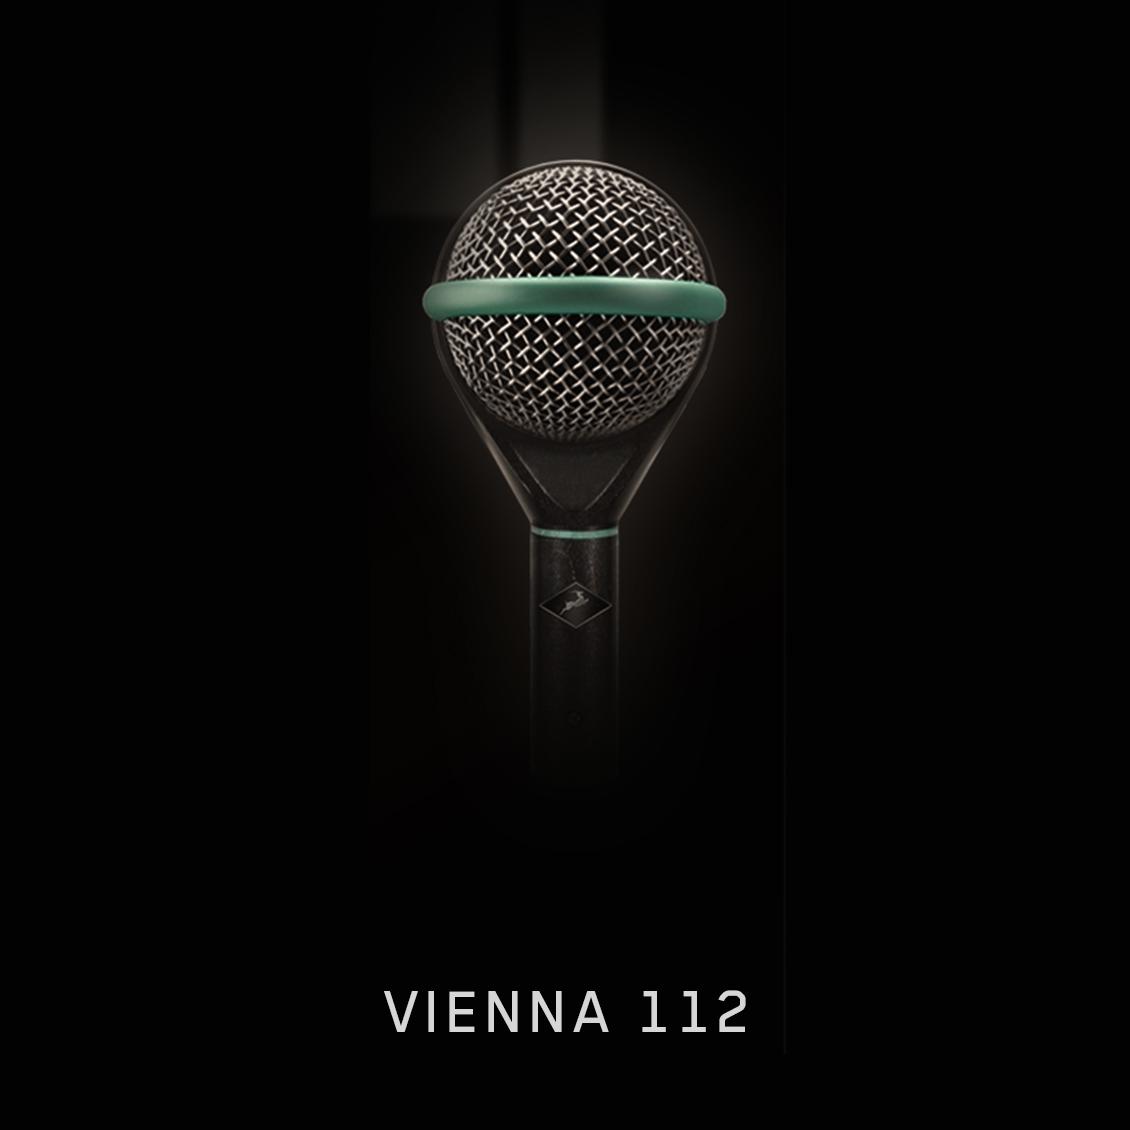 Vienna 112